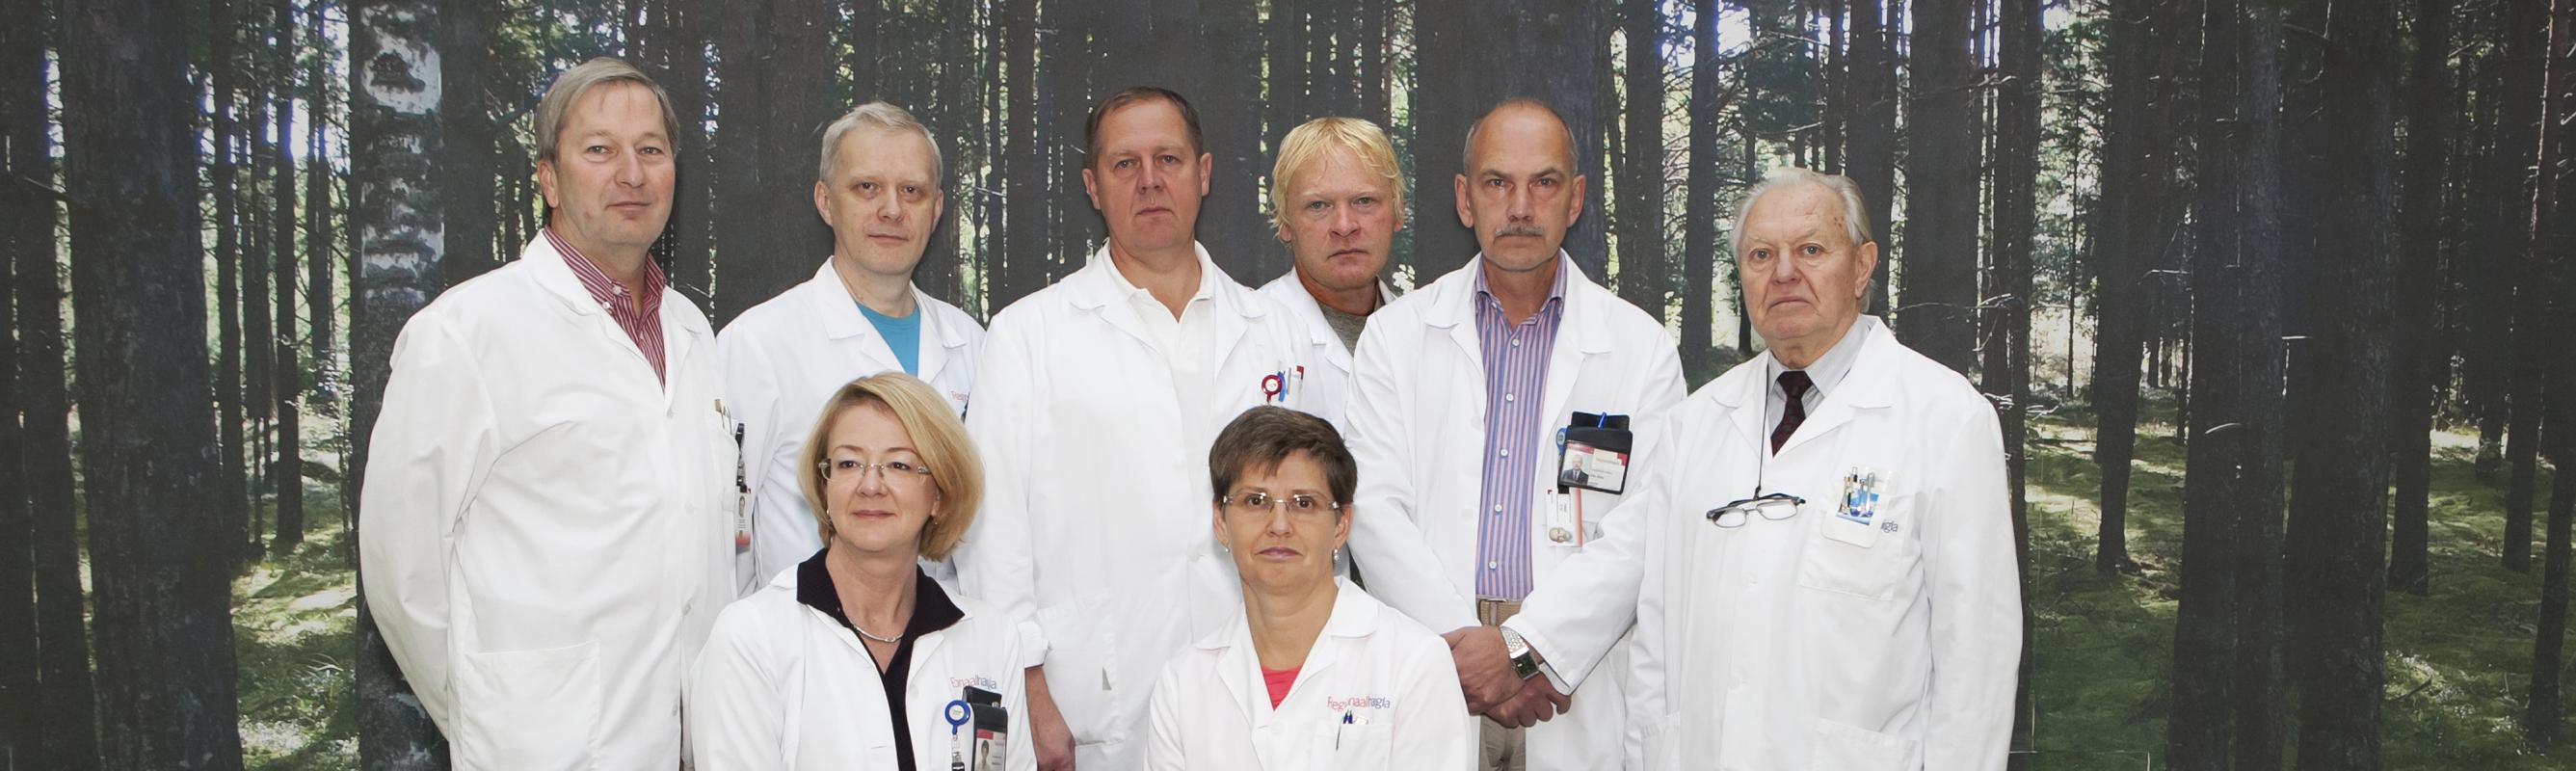 Uroloogiliste kasvajate töögrupp